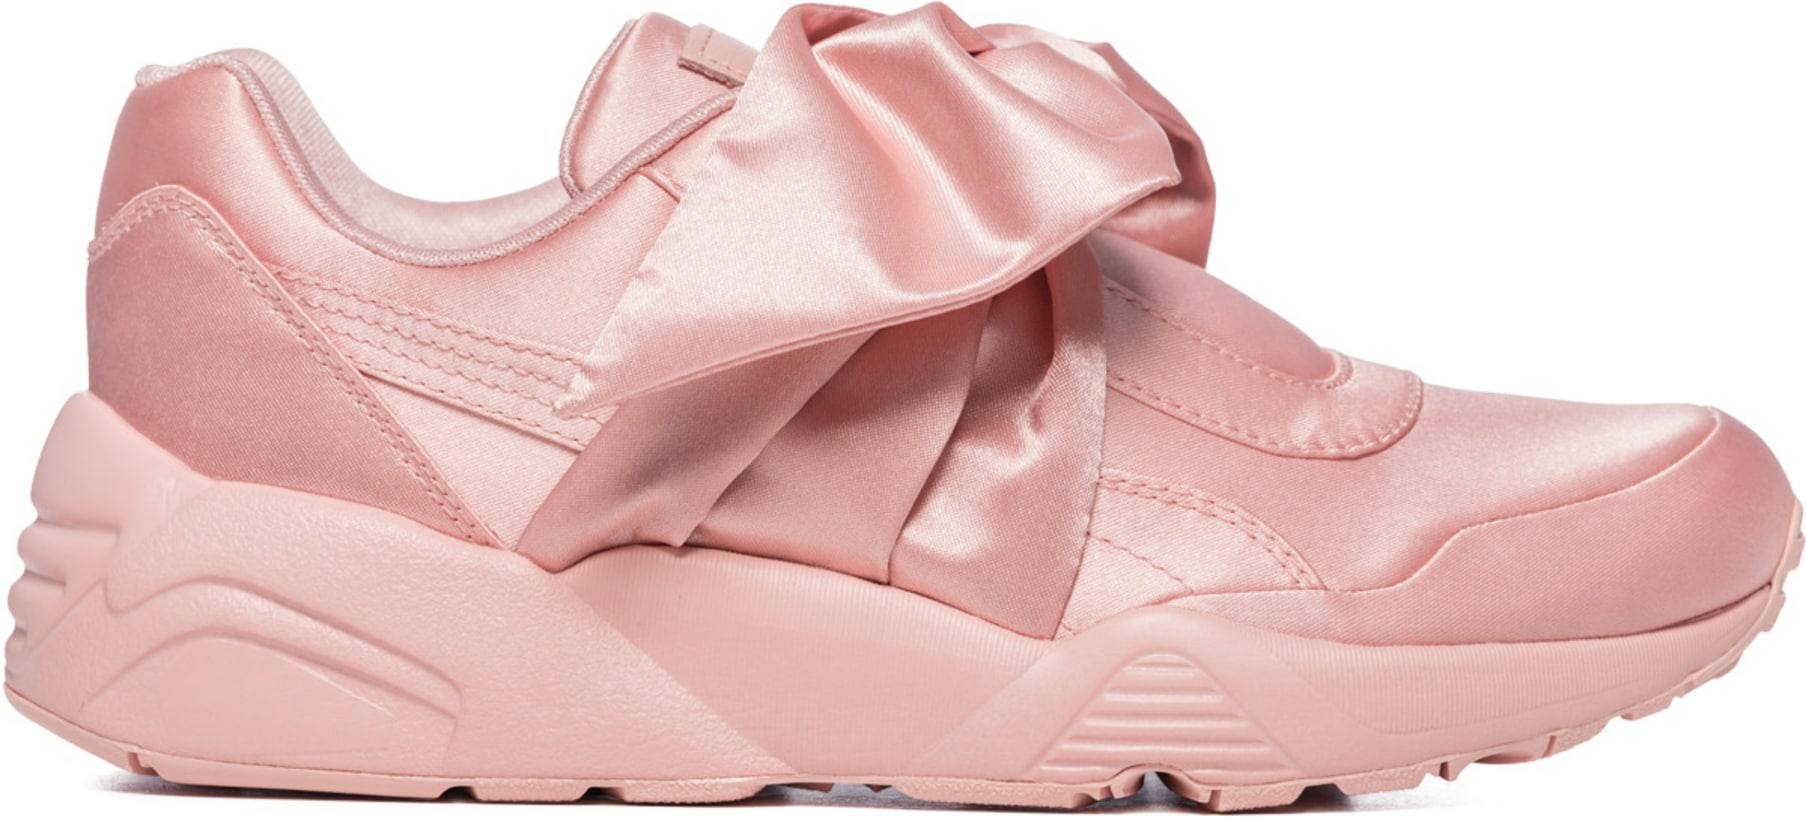 cheaper fa94e f4c49 Puma - Fenty Bow Sneakers - Silver Pink/Silver Pink